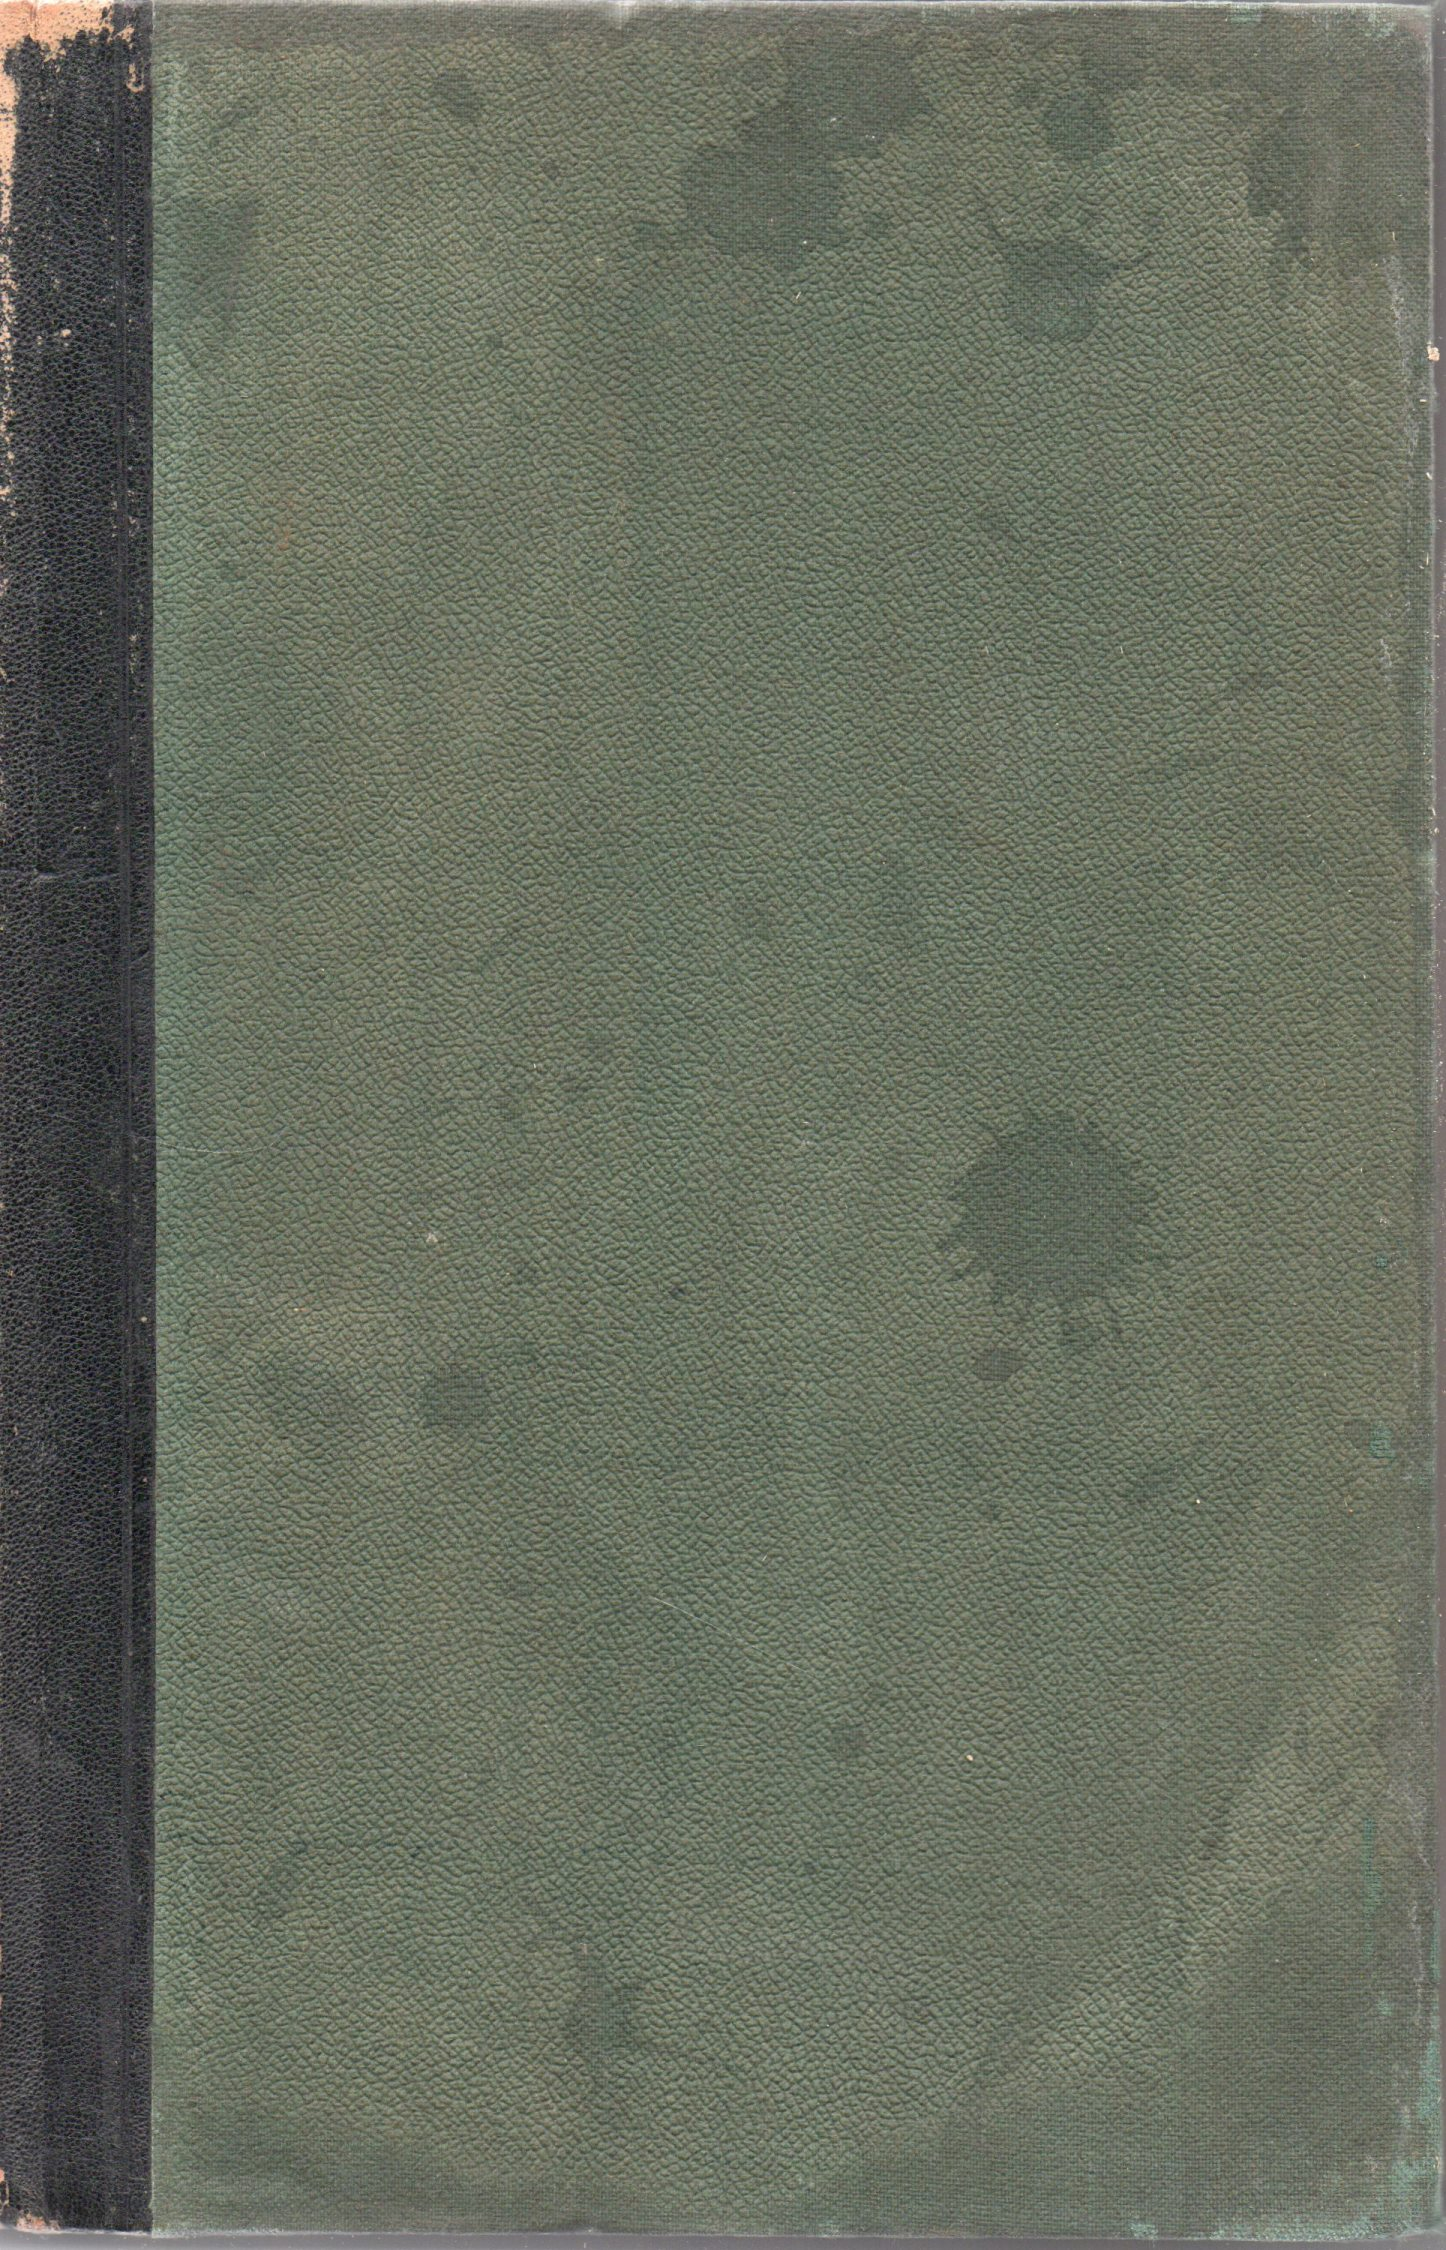 Енциклопедичний словник Брокгауза і Єфрона. Т. VІ (3 од.)